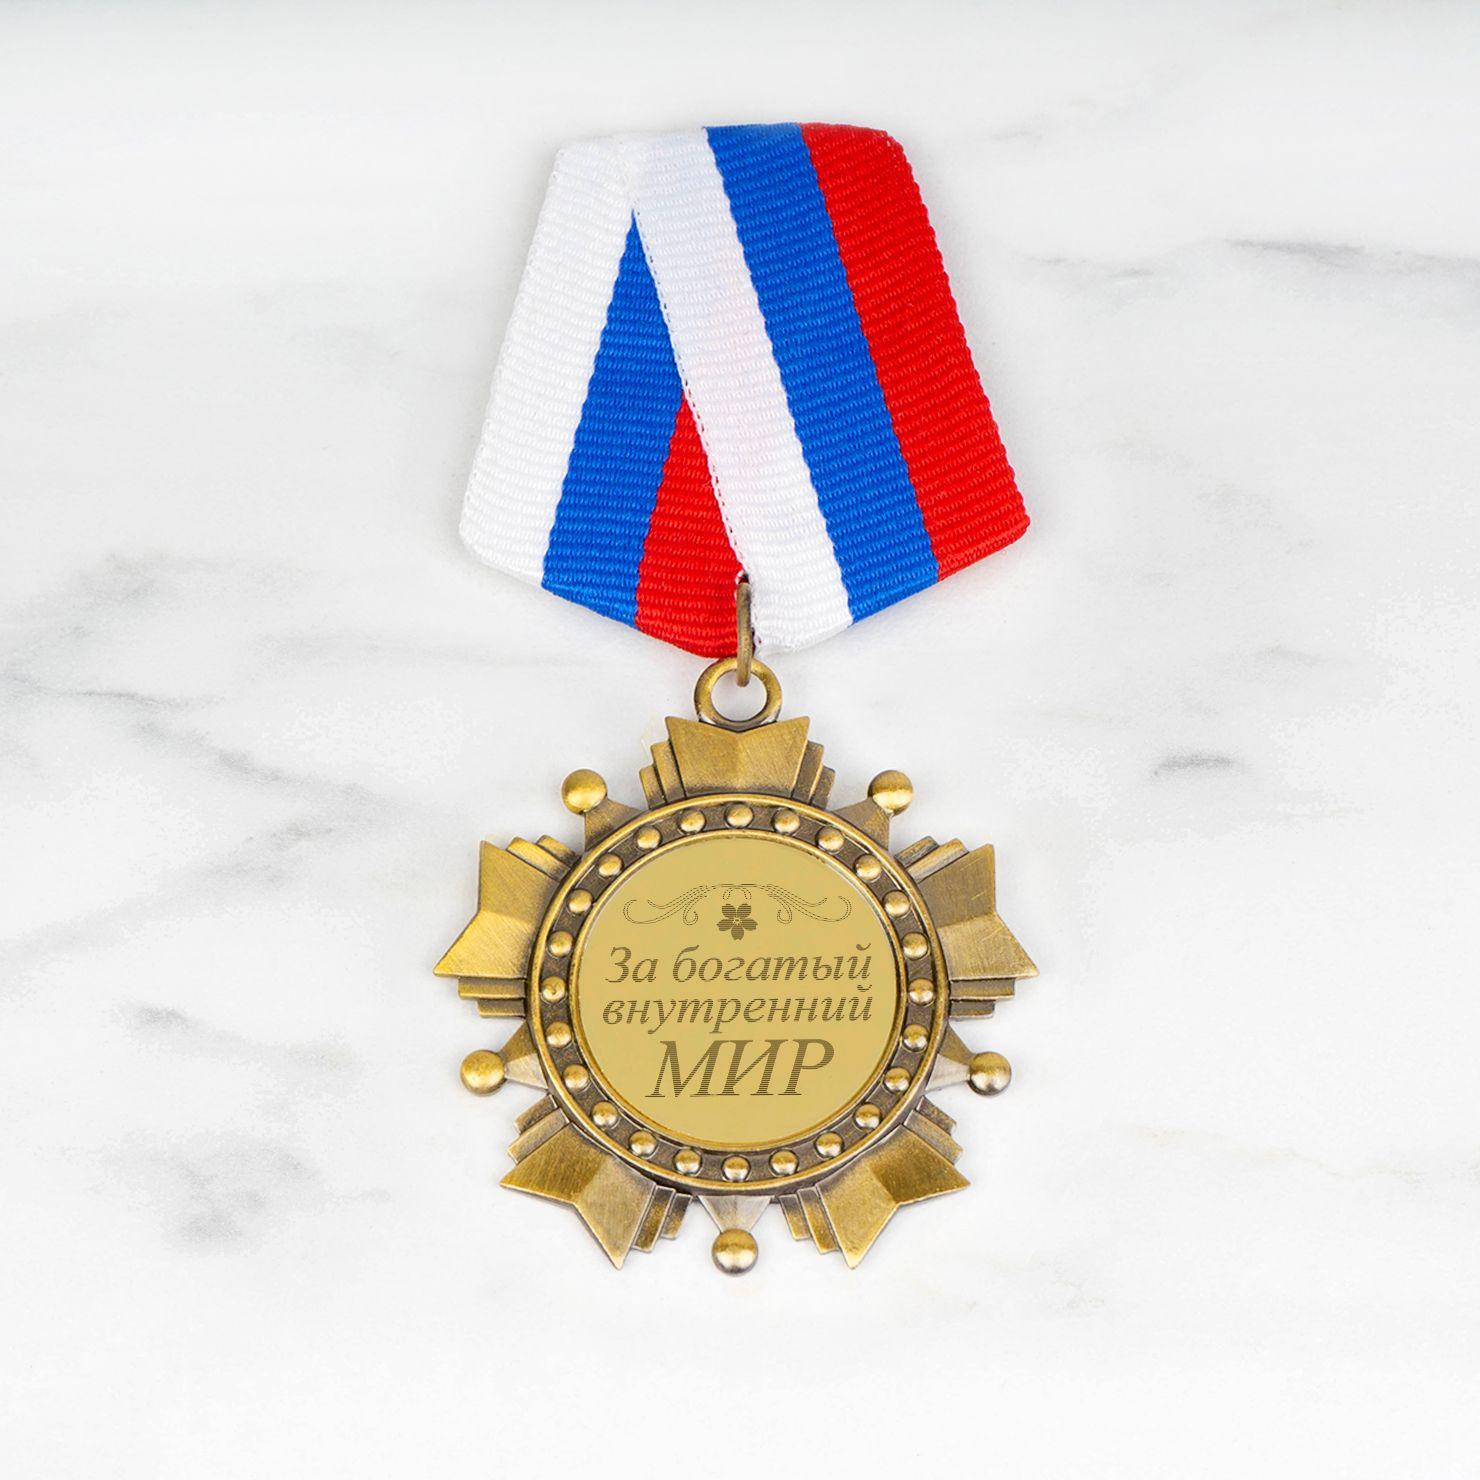 Орден *За богатый внутренний мир*